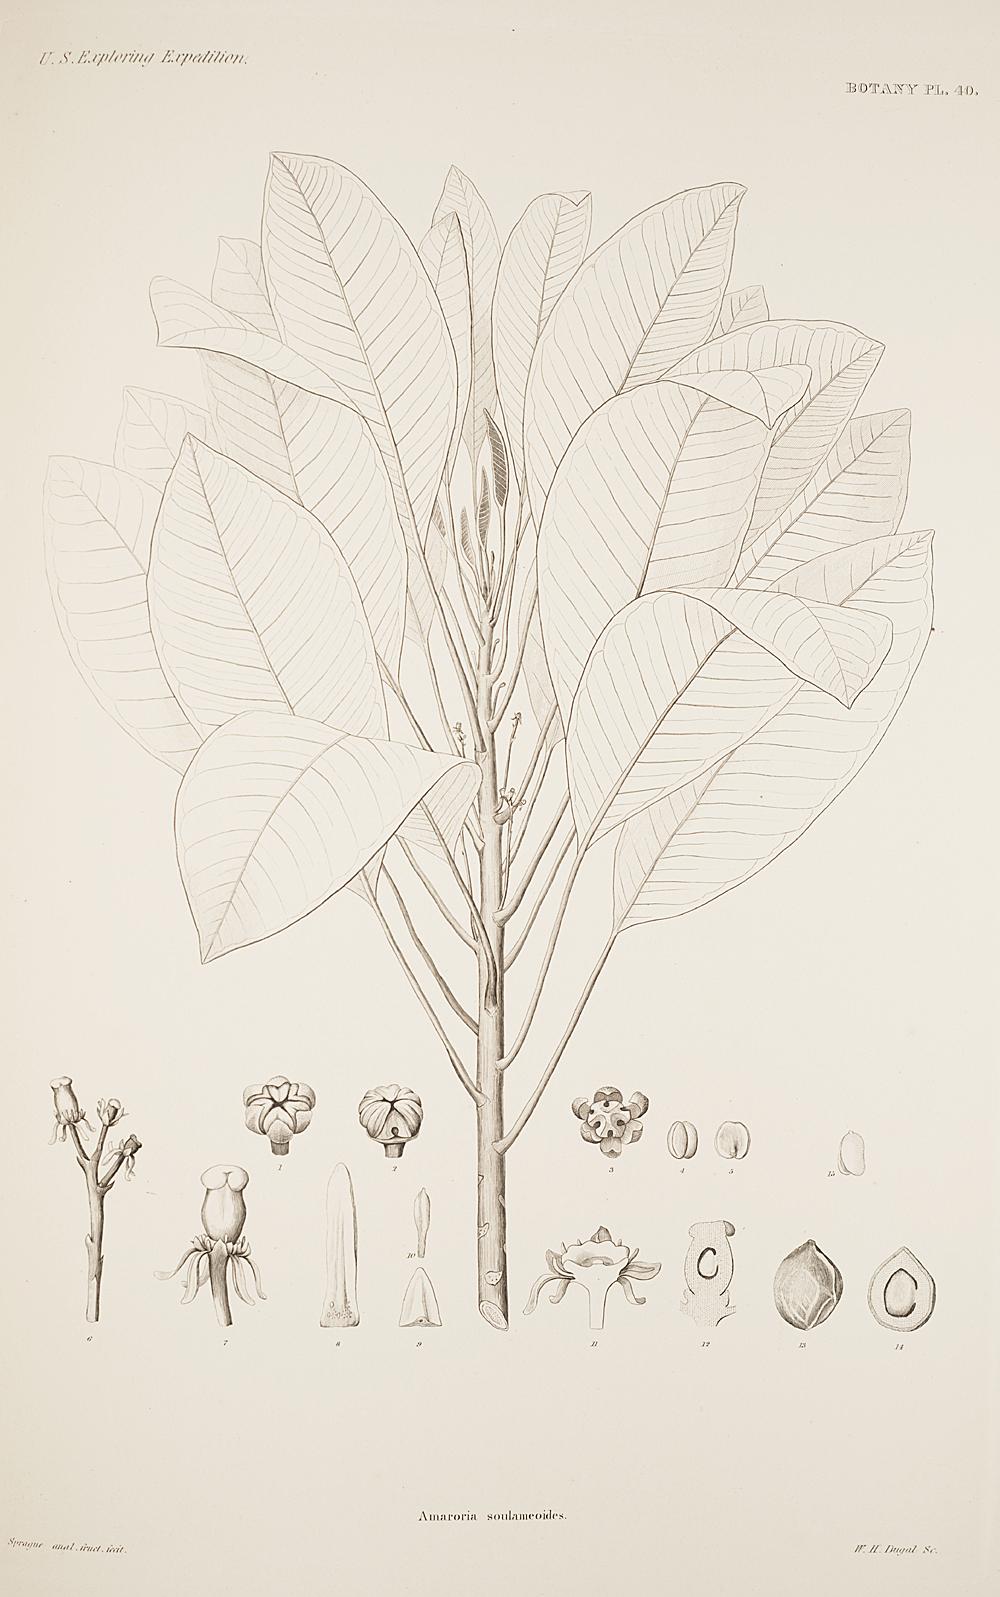 Botany, Pl. 40,  Image number:sil19-23-091b